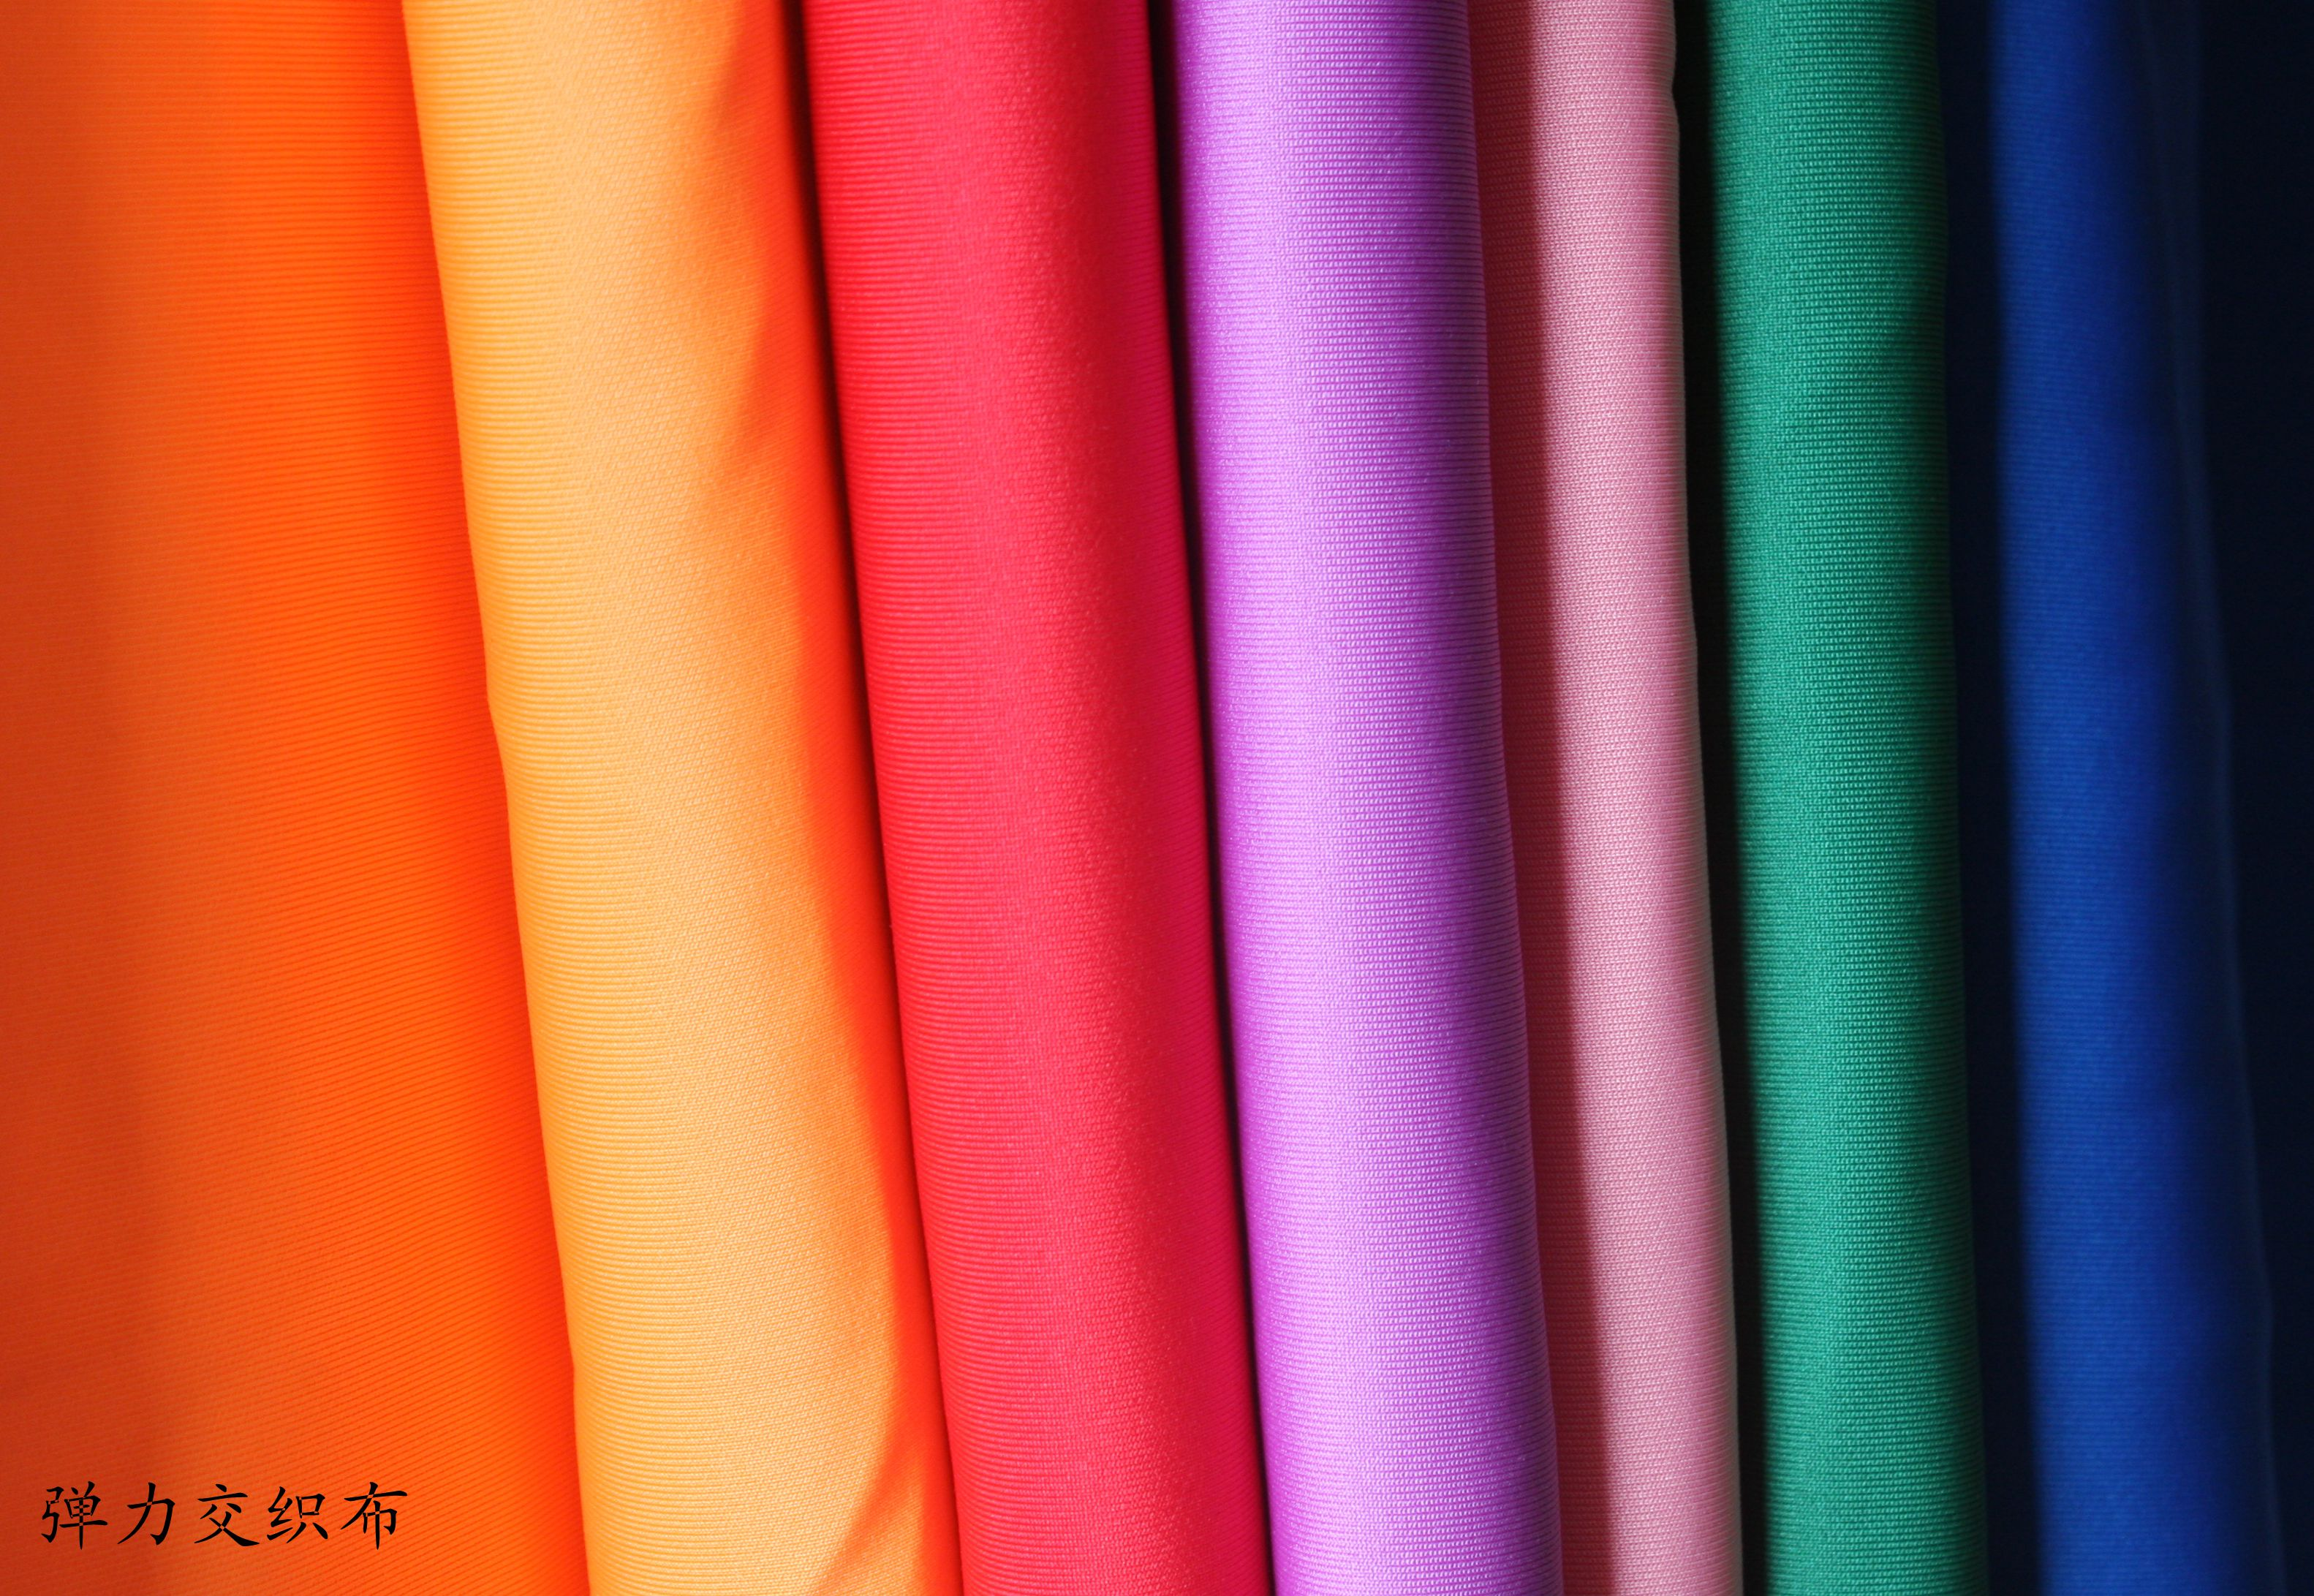 最知名的涤安双面交织布供应